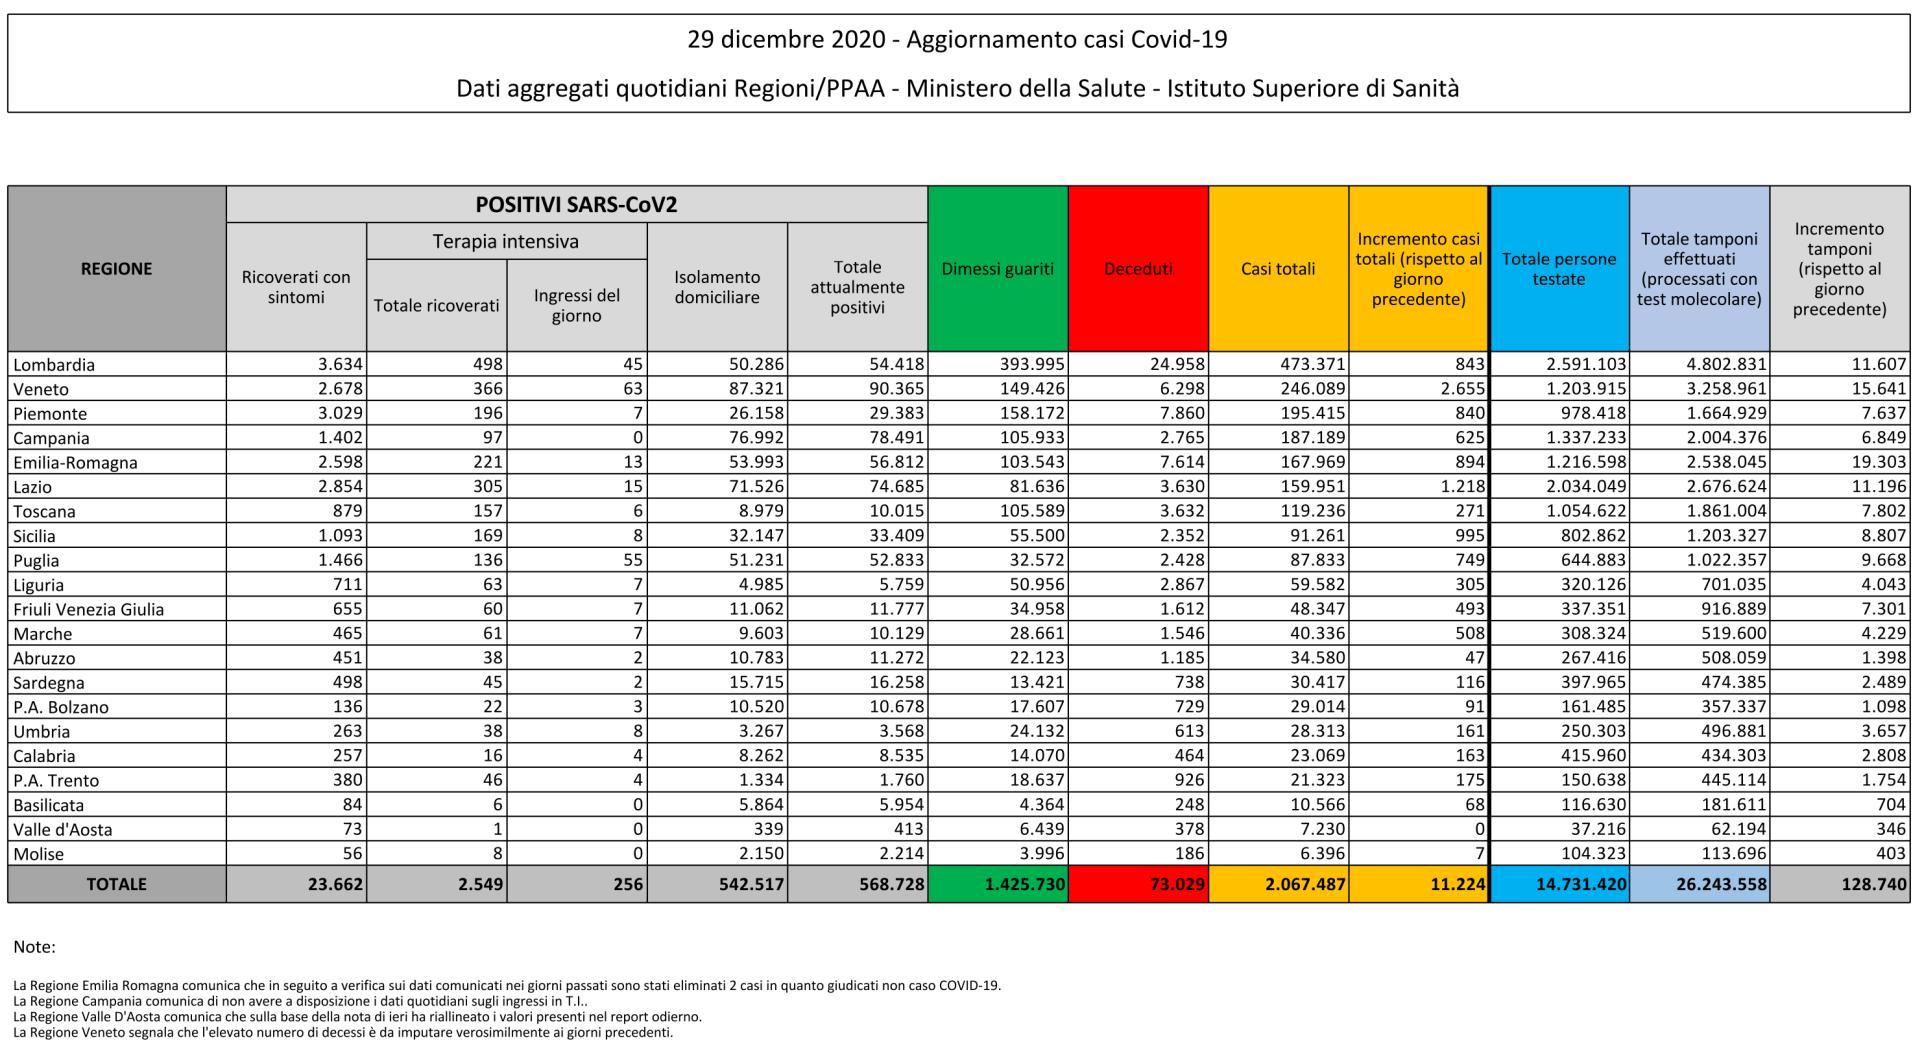 29 dicembre 2020 - Aggiornamento casi Covid-19 Dati aggregati quotidiani Regioni/PPAA - Ministero della Salute - Istituto Superiore di Sanità